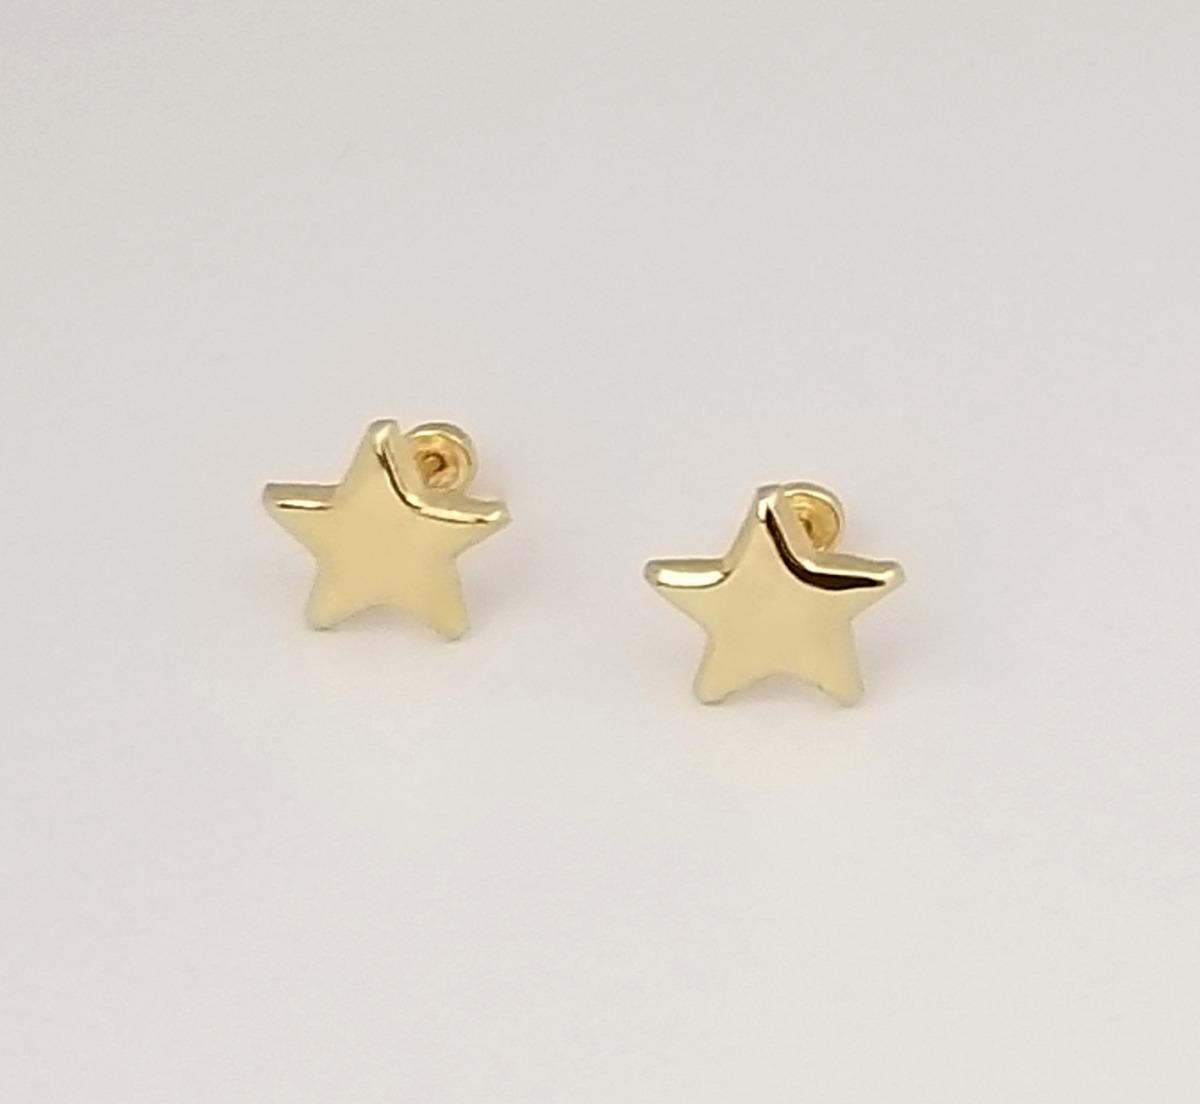 51c575356ab5 Aretes Broquel De Estrella Para Mujer Oro Sólido 10k -   495.00 en ...